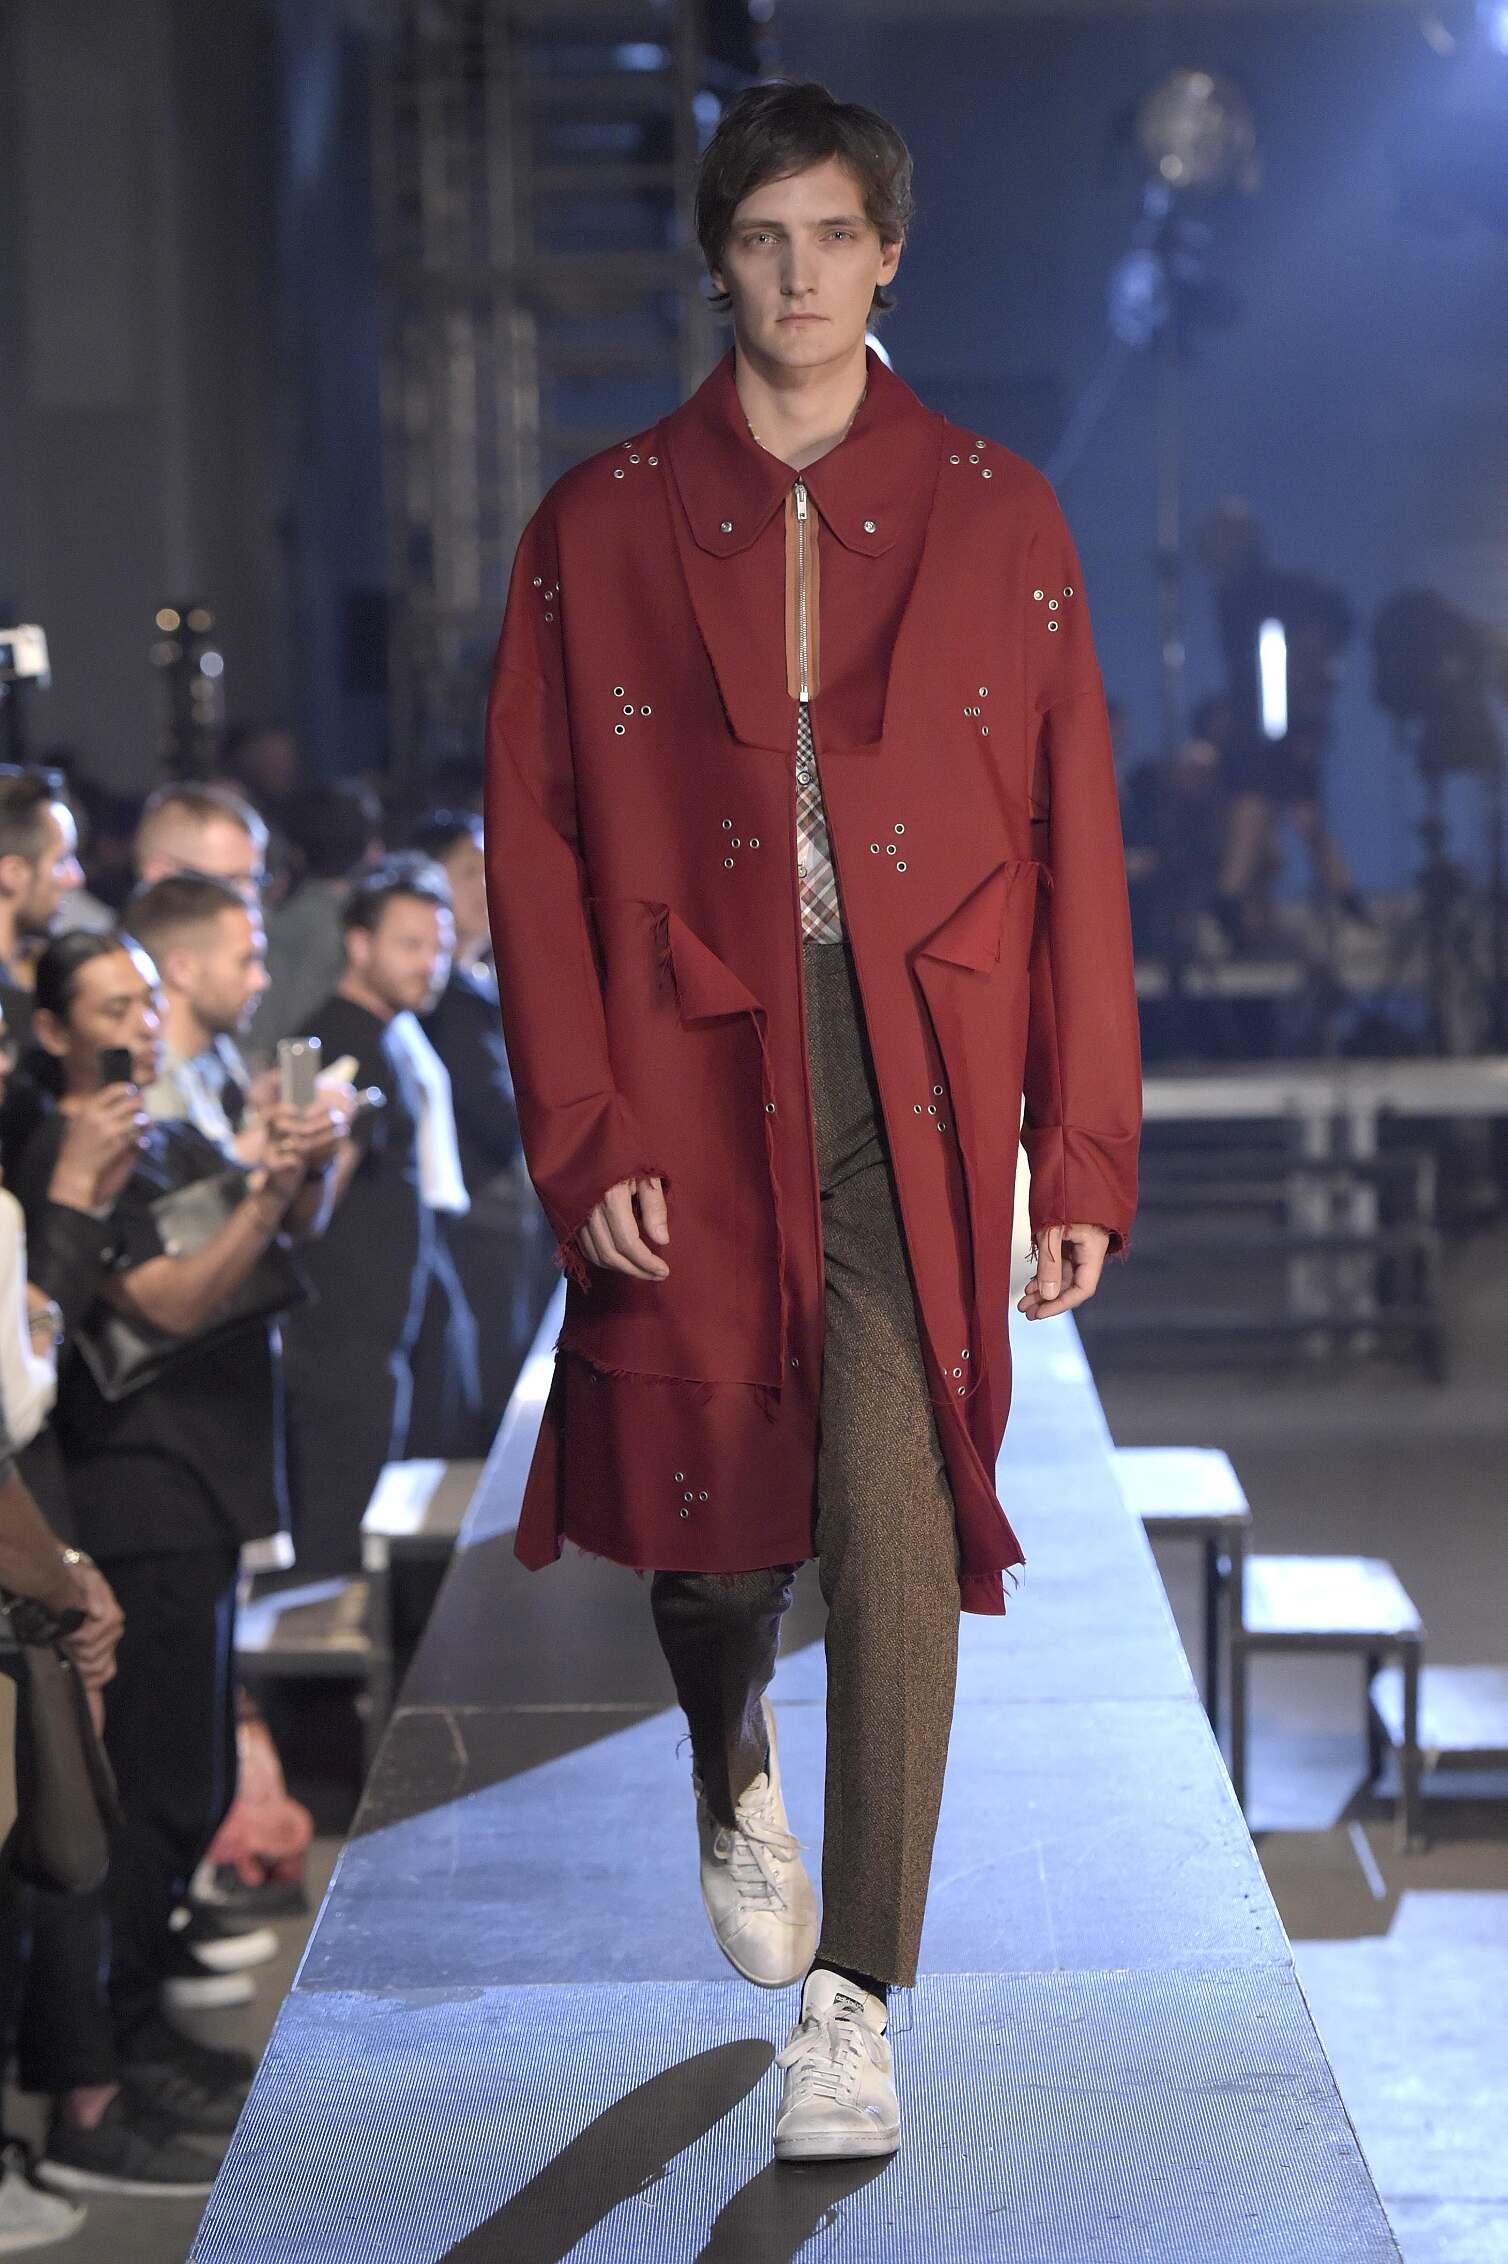 Raf Simons Collection Man London Fashion Week